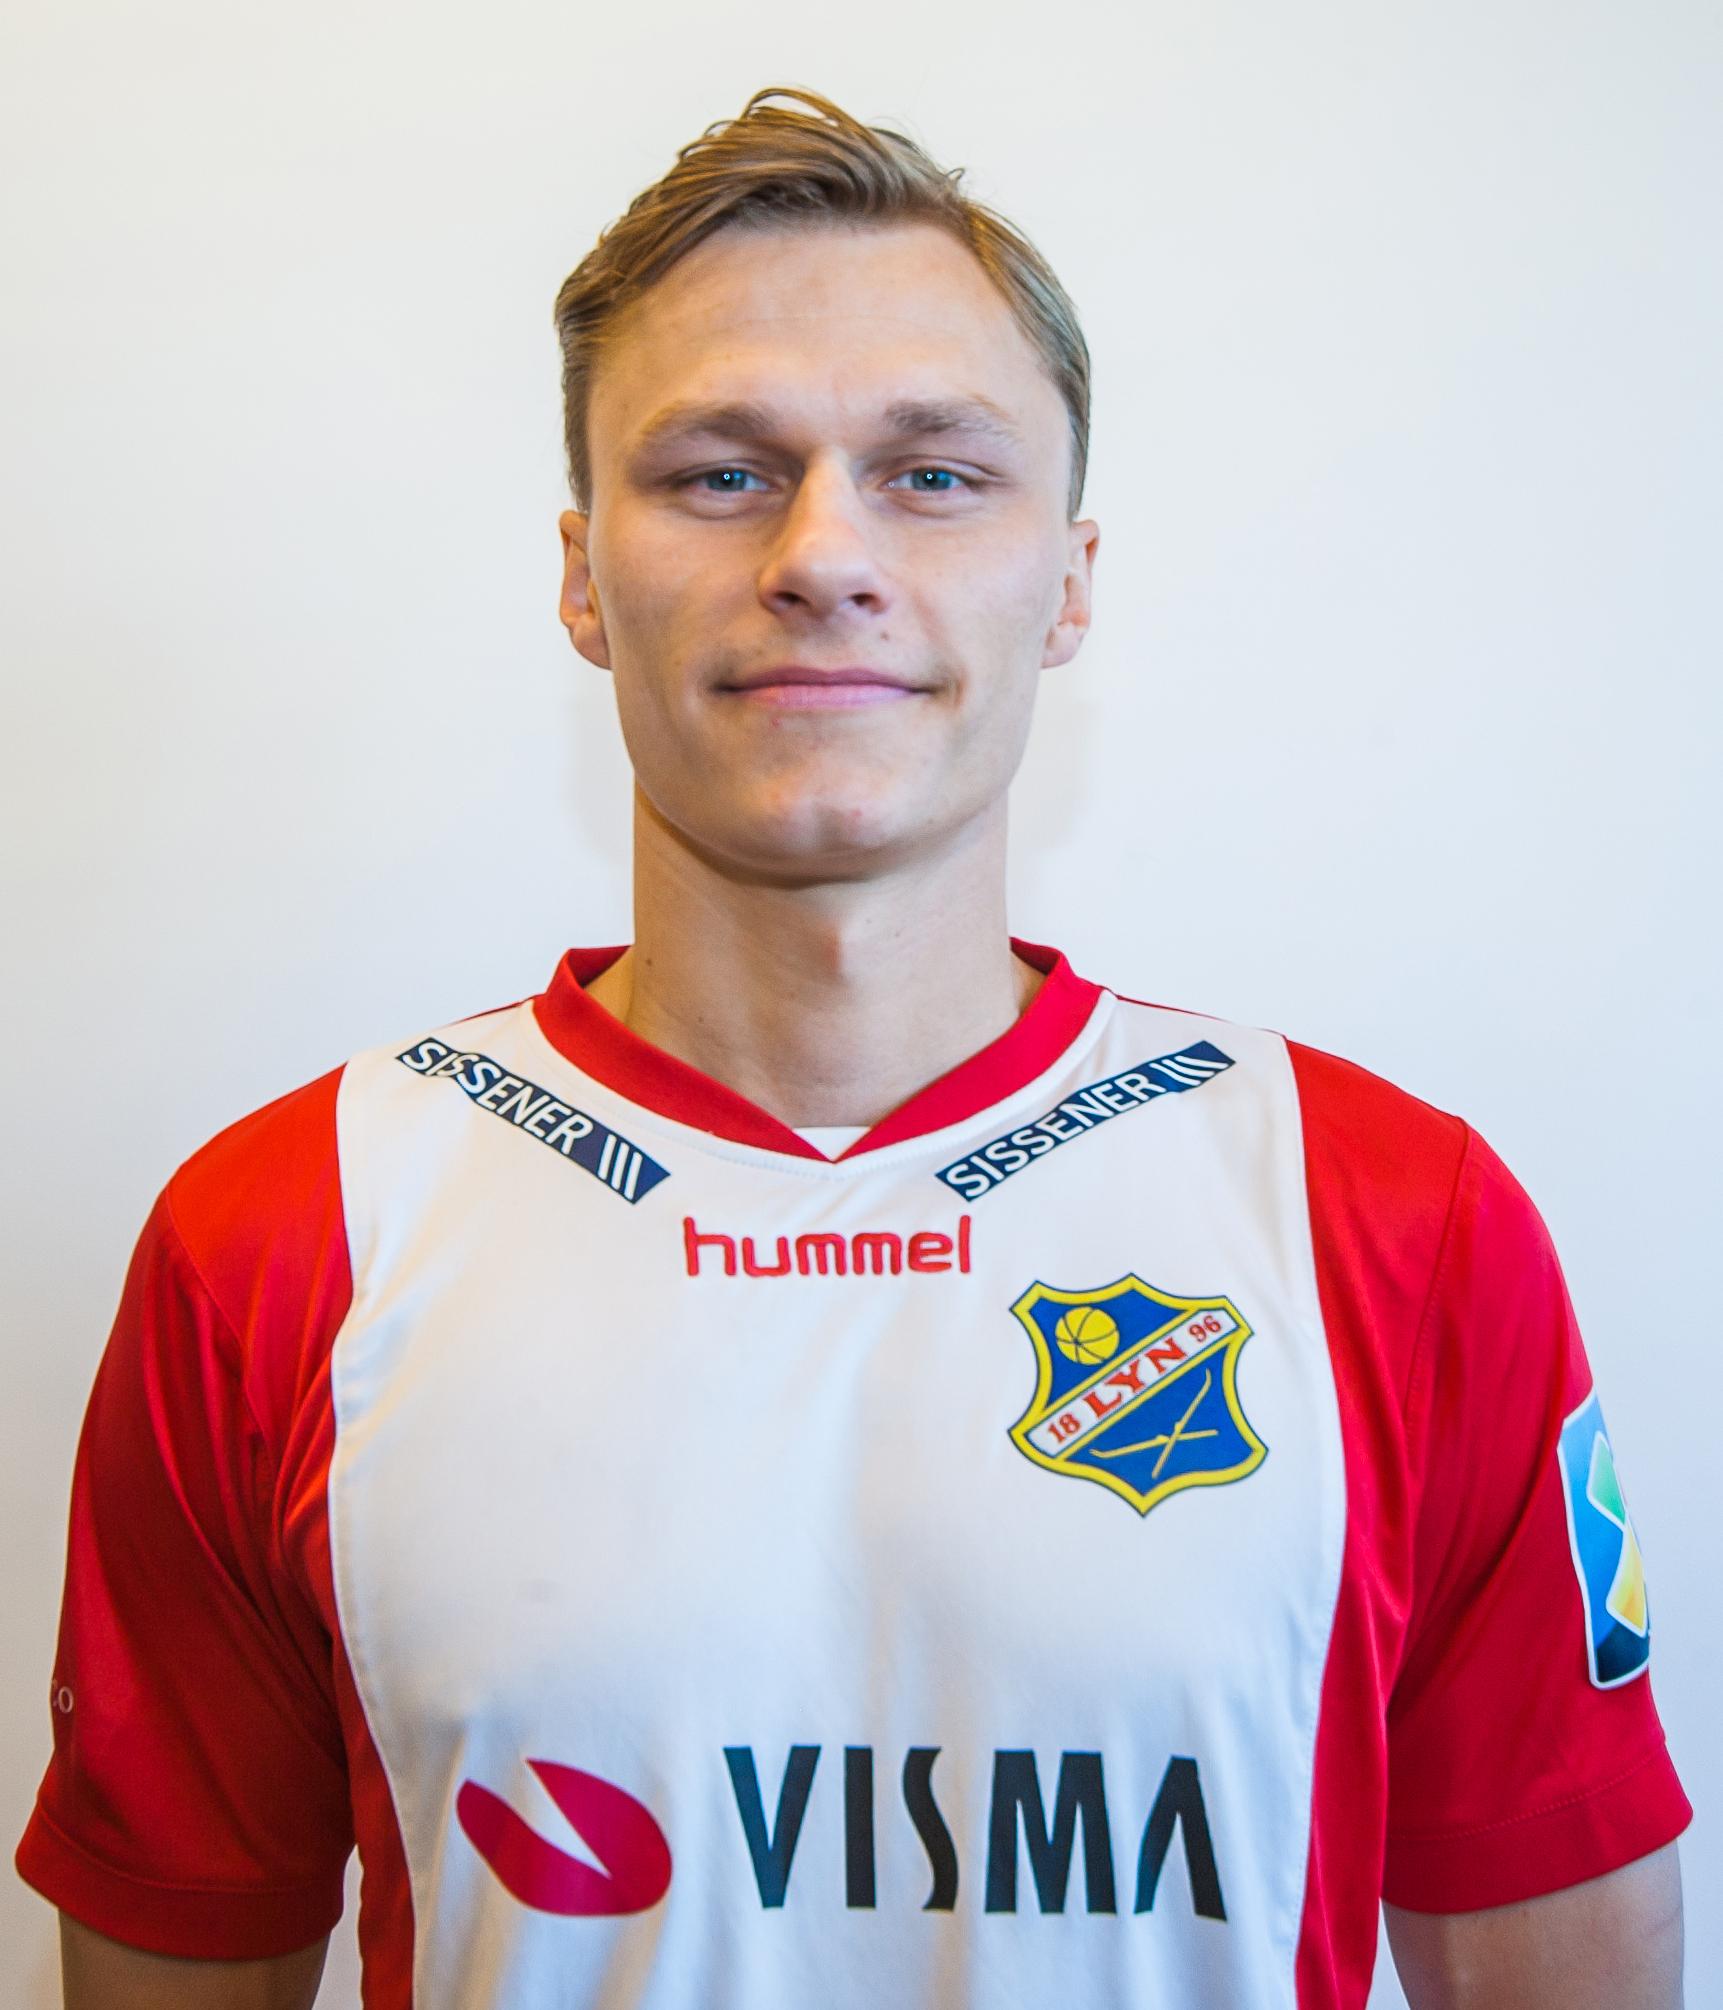 #6 - Posisjon: MidtbaneFødt: 29.05.93Fødested: FredrikstadTidligere klubber:FFK, Østsiden, KråkerøyInstagram: @elaabak